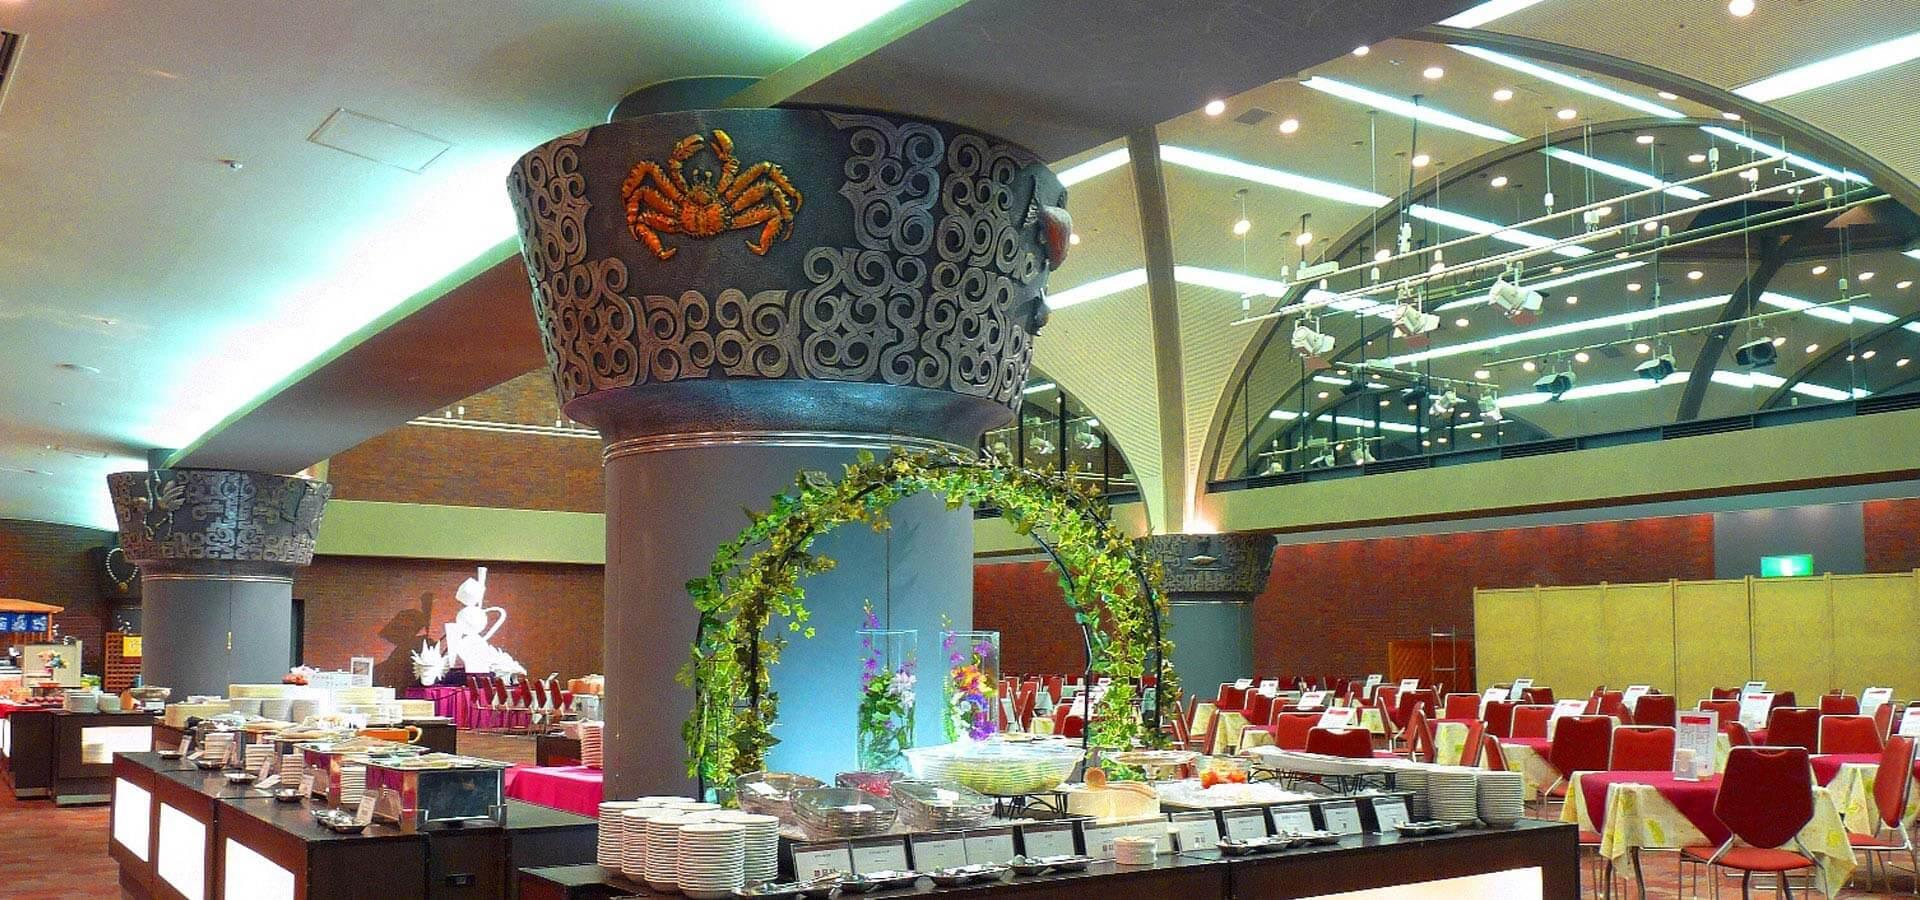 Dinner Buffet Restaurant